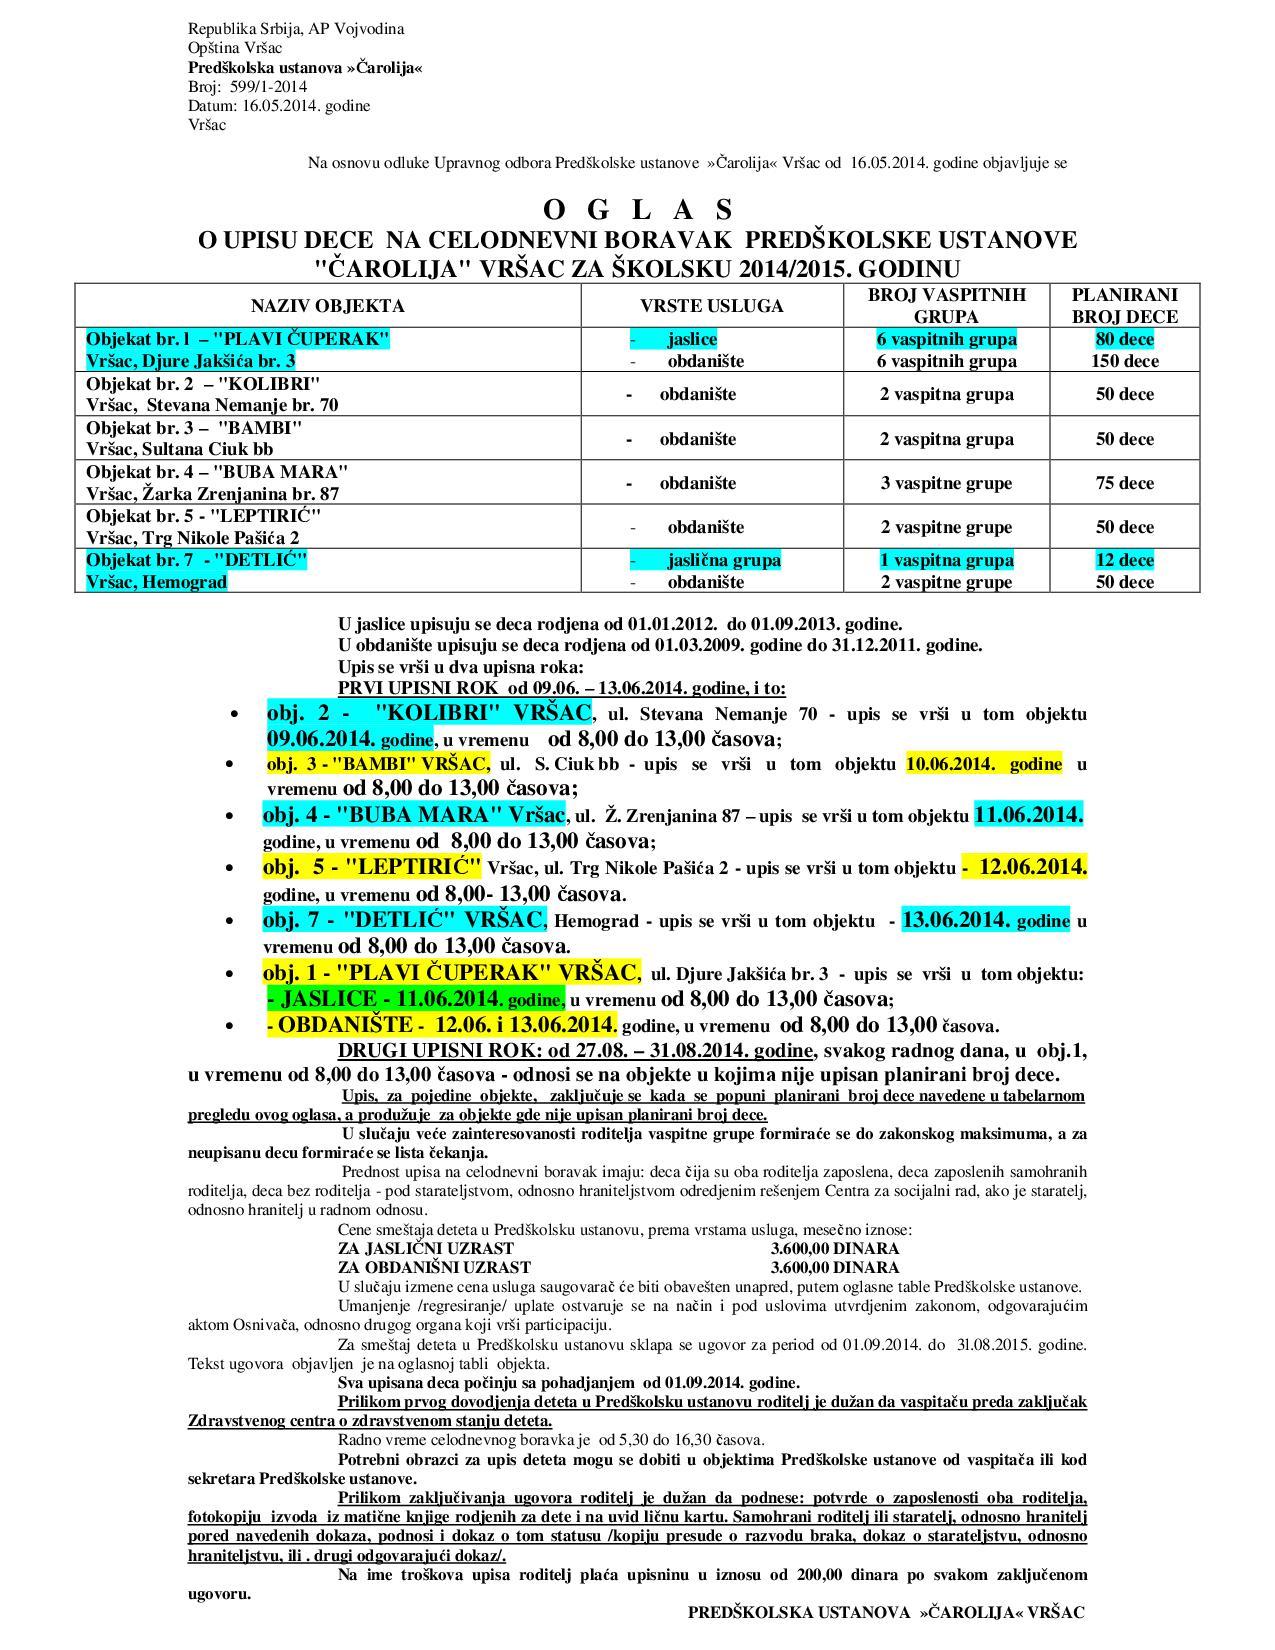 Oglas o upisu dece za sk 2014 2015 godinu - CELODNEVNI B-001